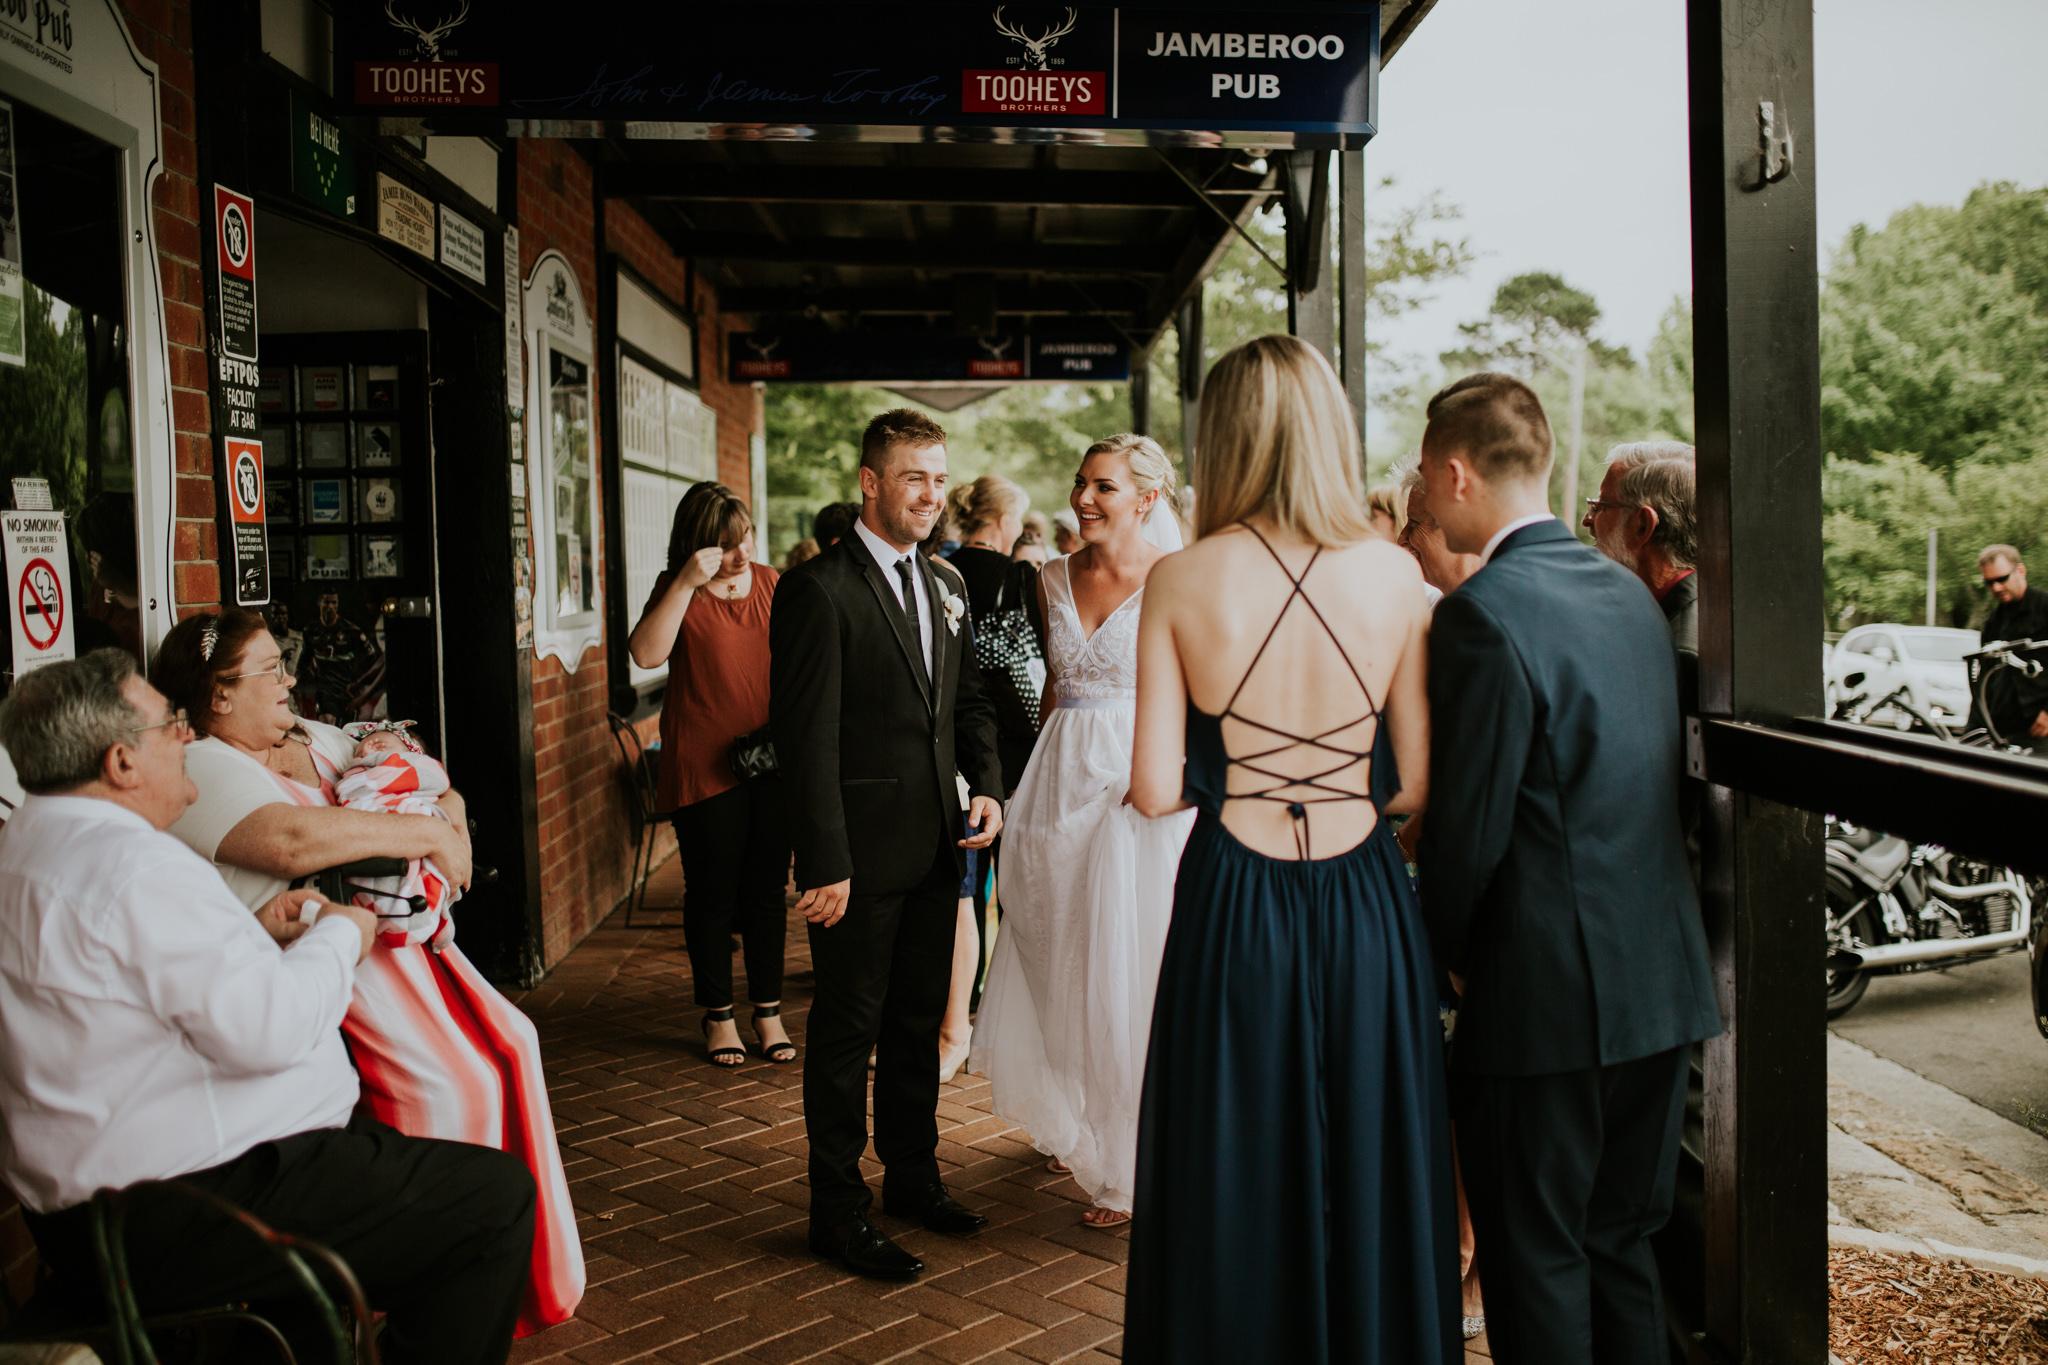 Lucy+Kyle+Kiama+Sebel+wedding-87.jpg